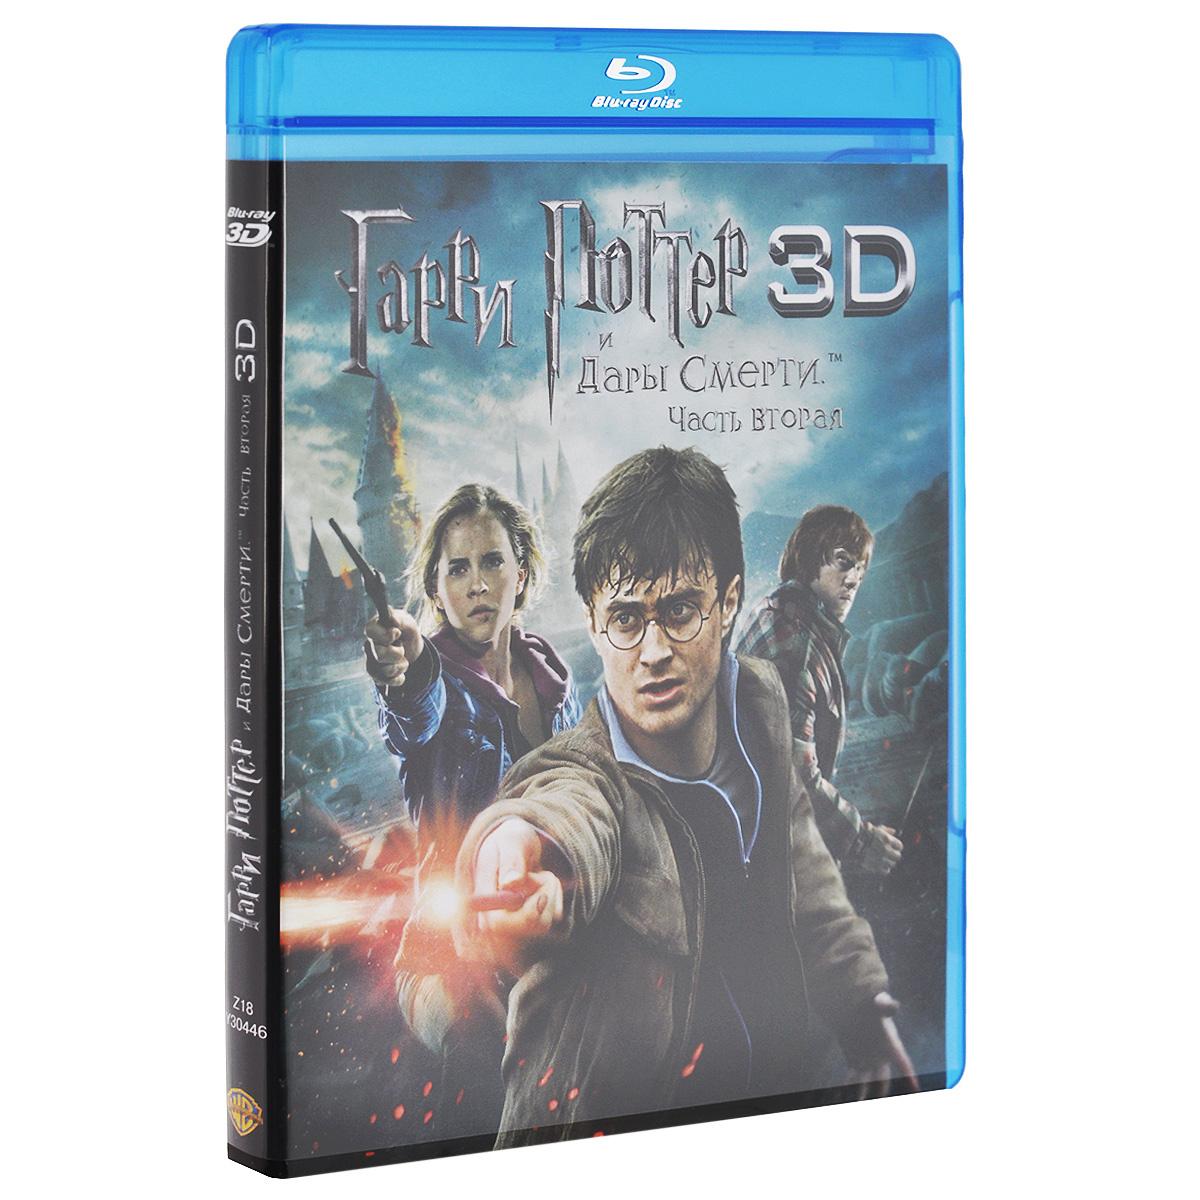 Гарри Поттер и Дары смерти: Часть 2 3D и 2D (3 Blu-ray) #1